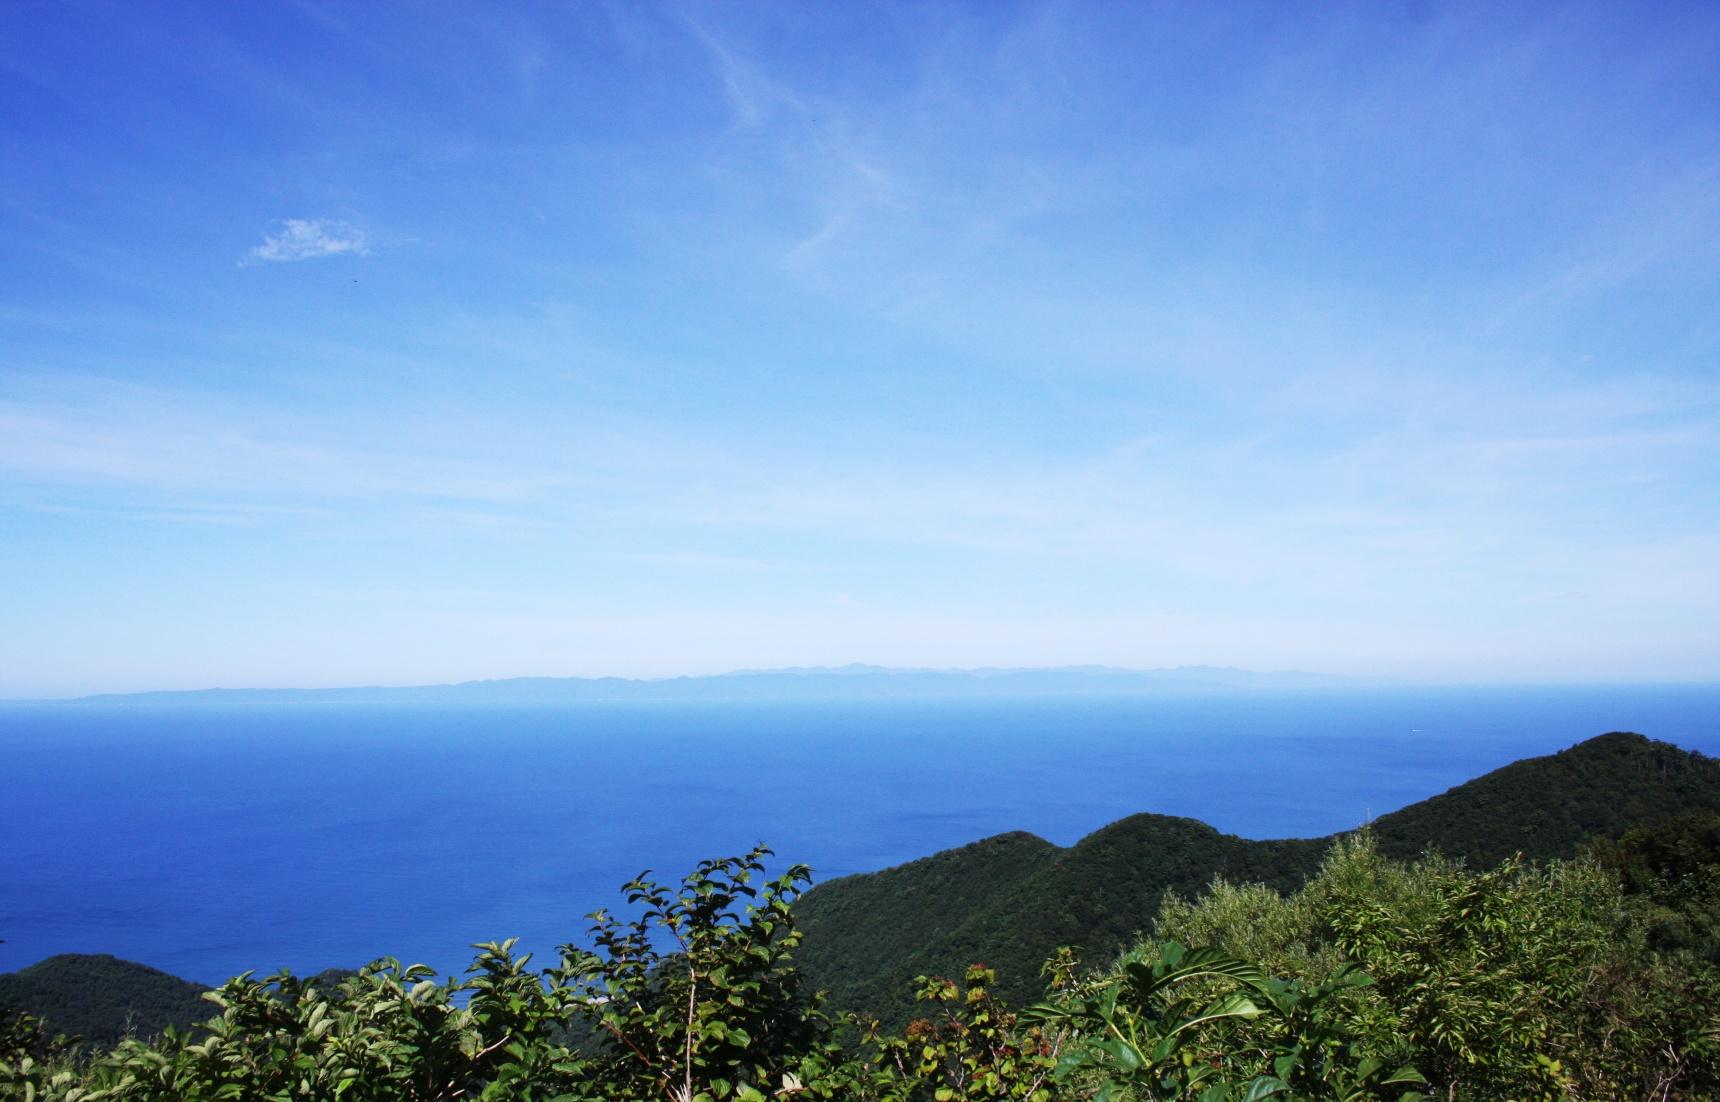 日本新潟:最美离岛——佐渡岛两天一夜全攻略